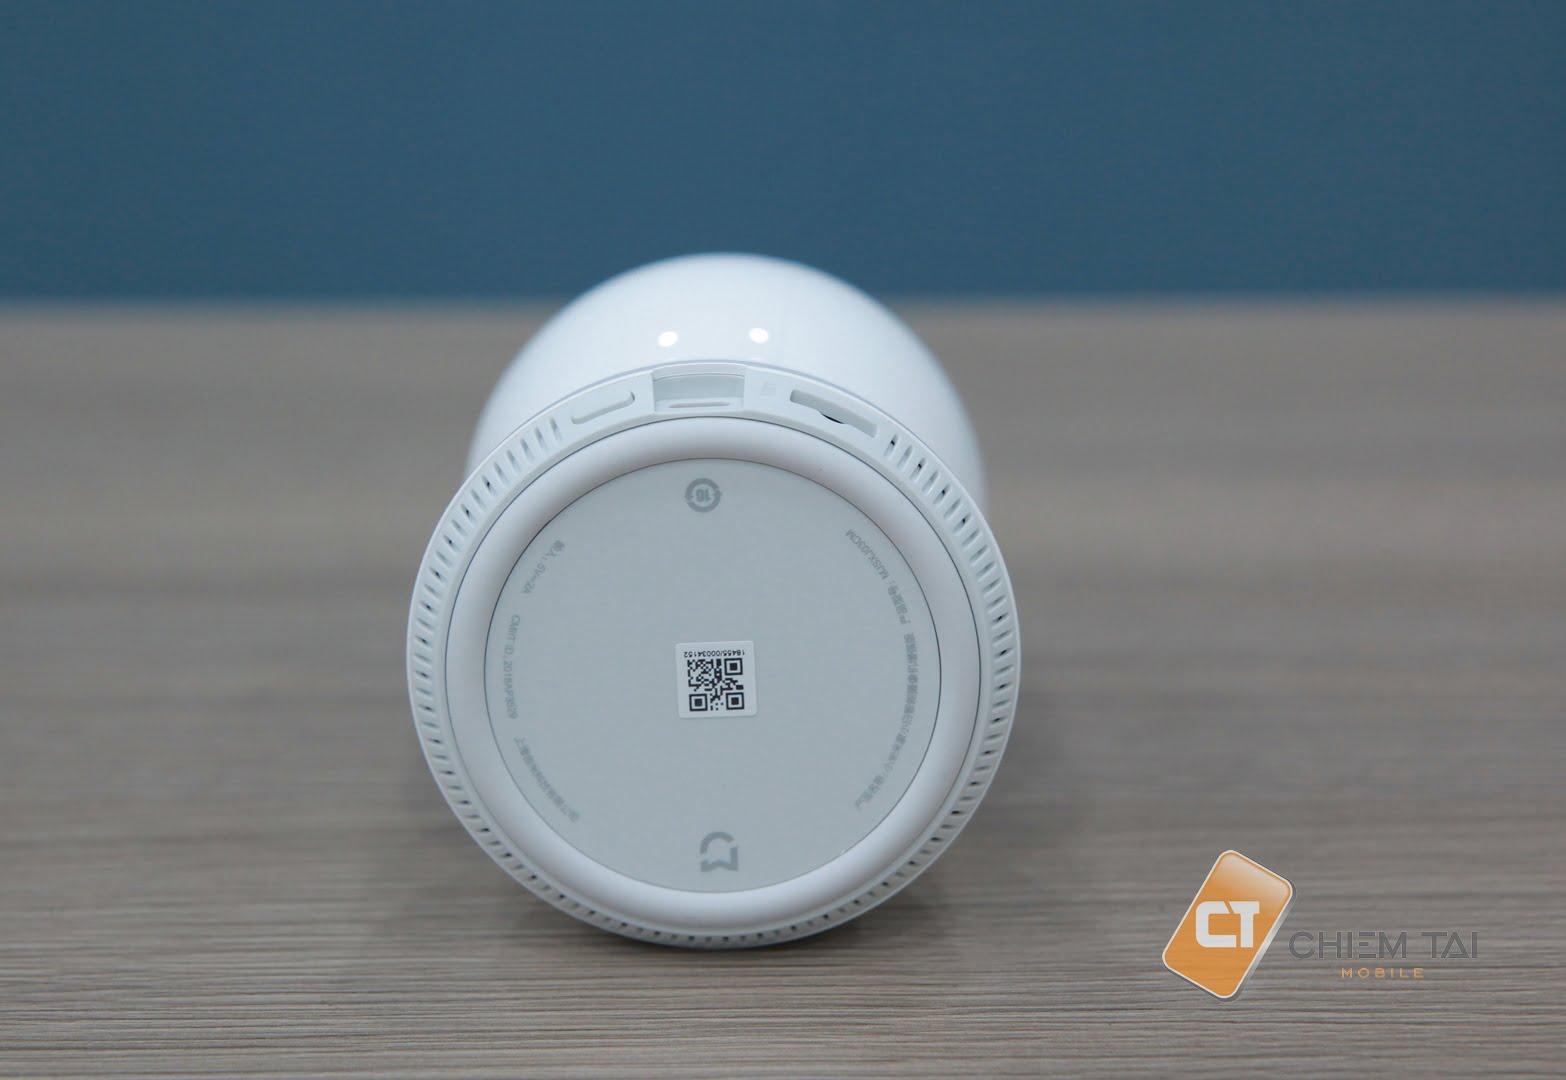 camera ip giam sat miija xiaobai 360 1080p ban cao cap 6007d319ebca8